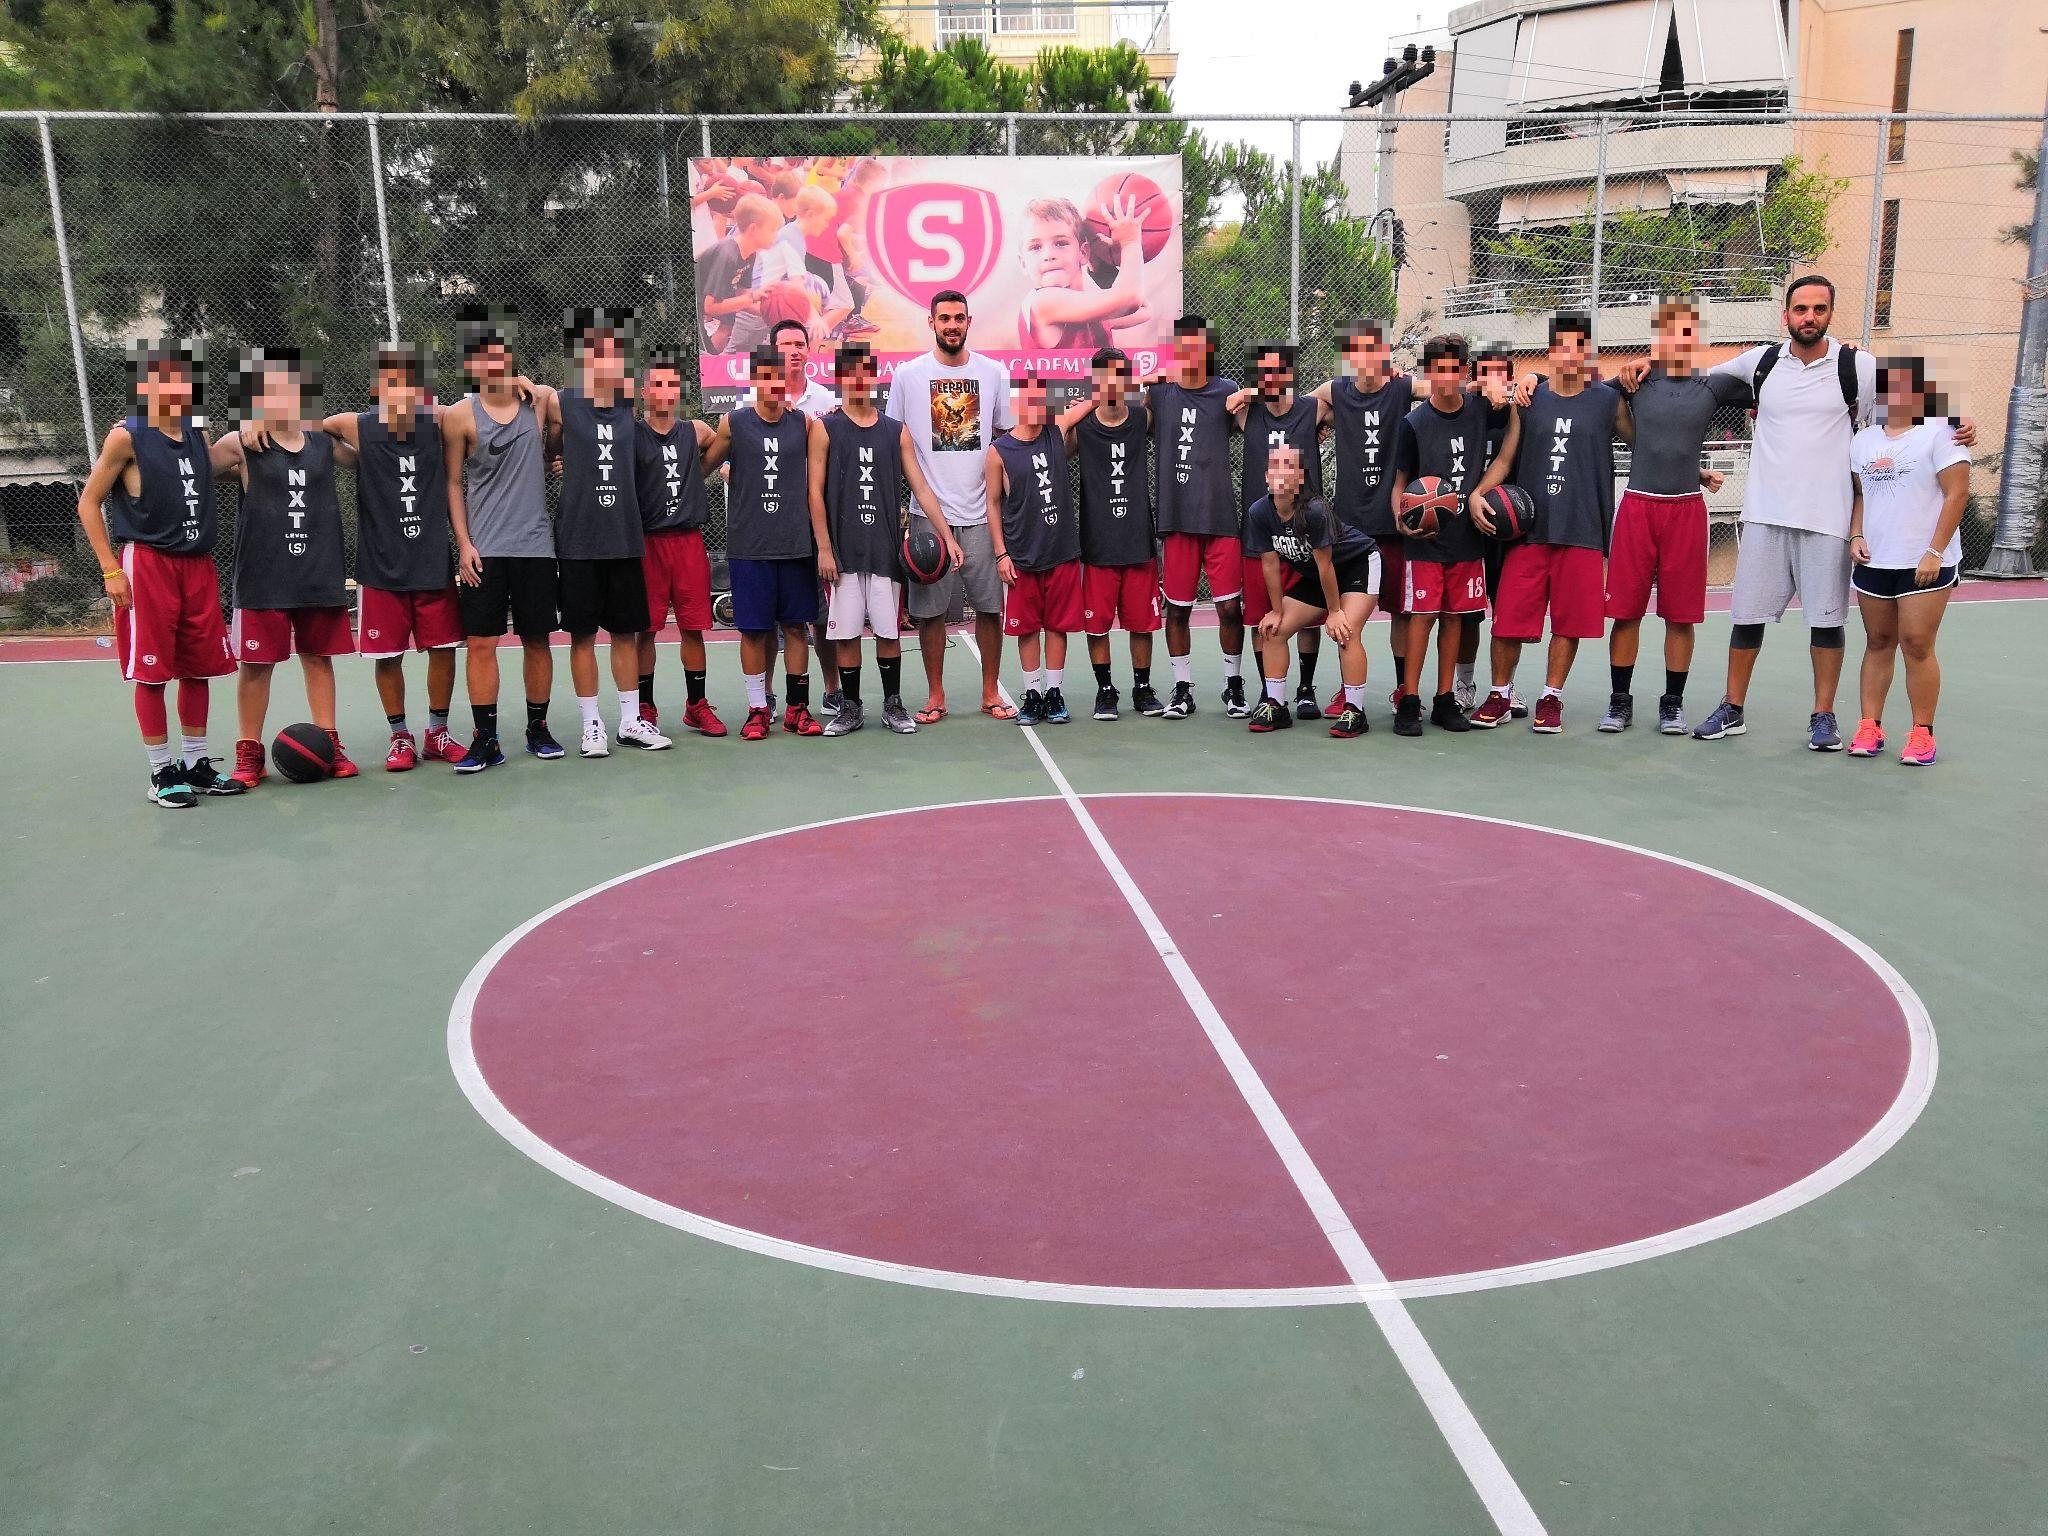 Με υψηλές παρουσίες ολοκληρώθηκε το camp  της South Basketball Academy